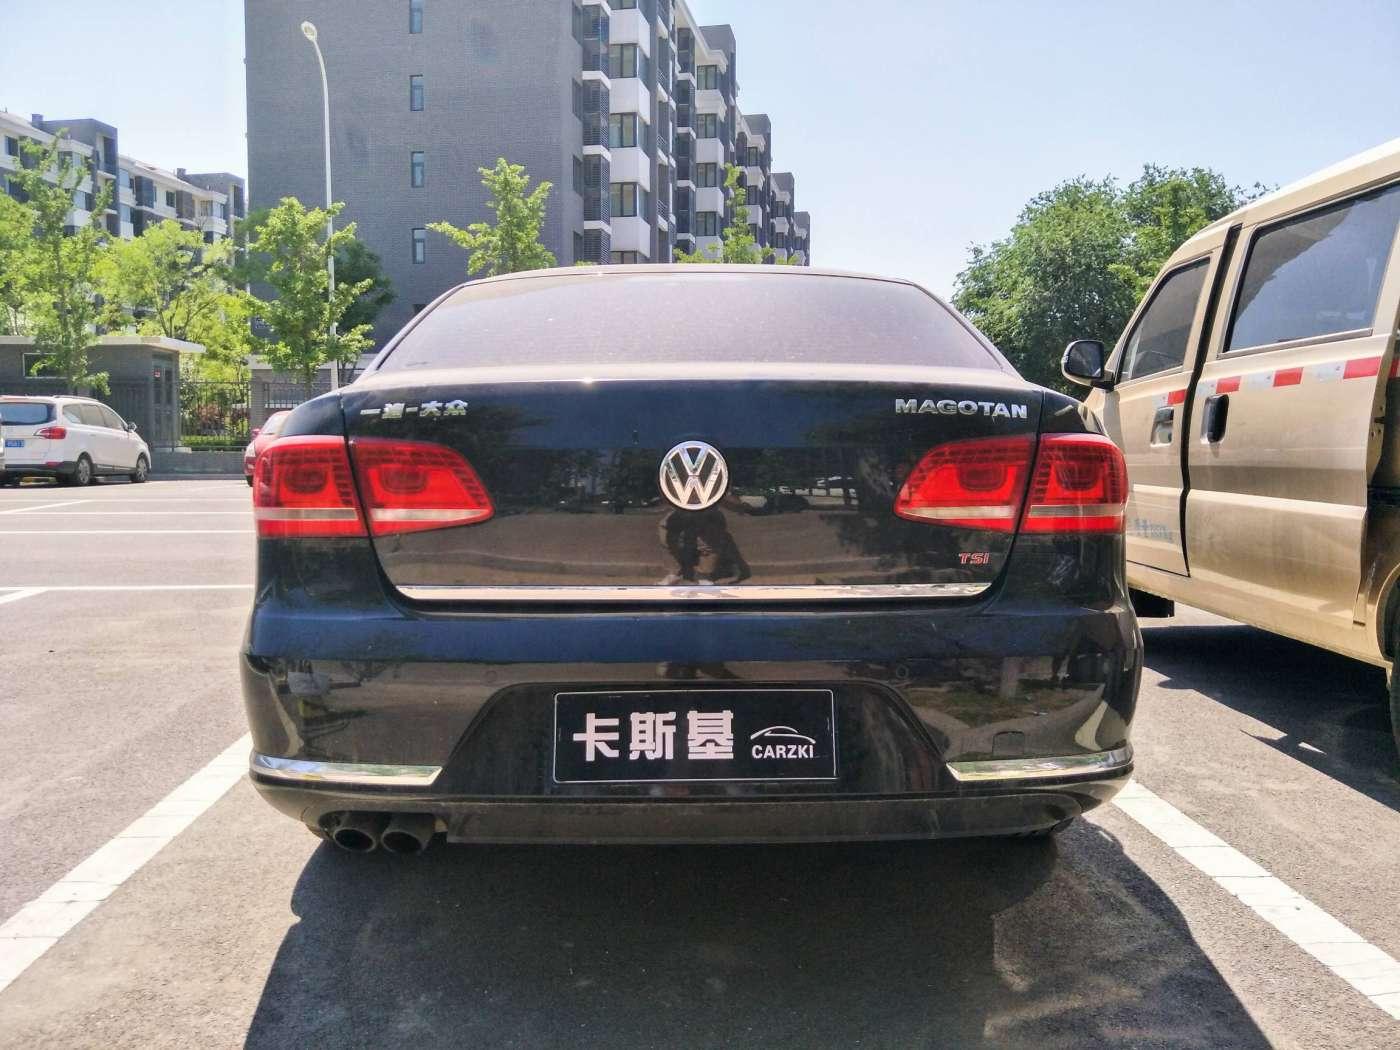 2013年07月 大众 迈腾 2013款 2.0TSI 尊贵型 甄选大众-北京卡斯基汽车服务有限公司